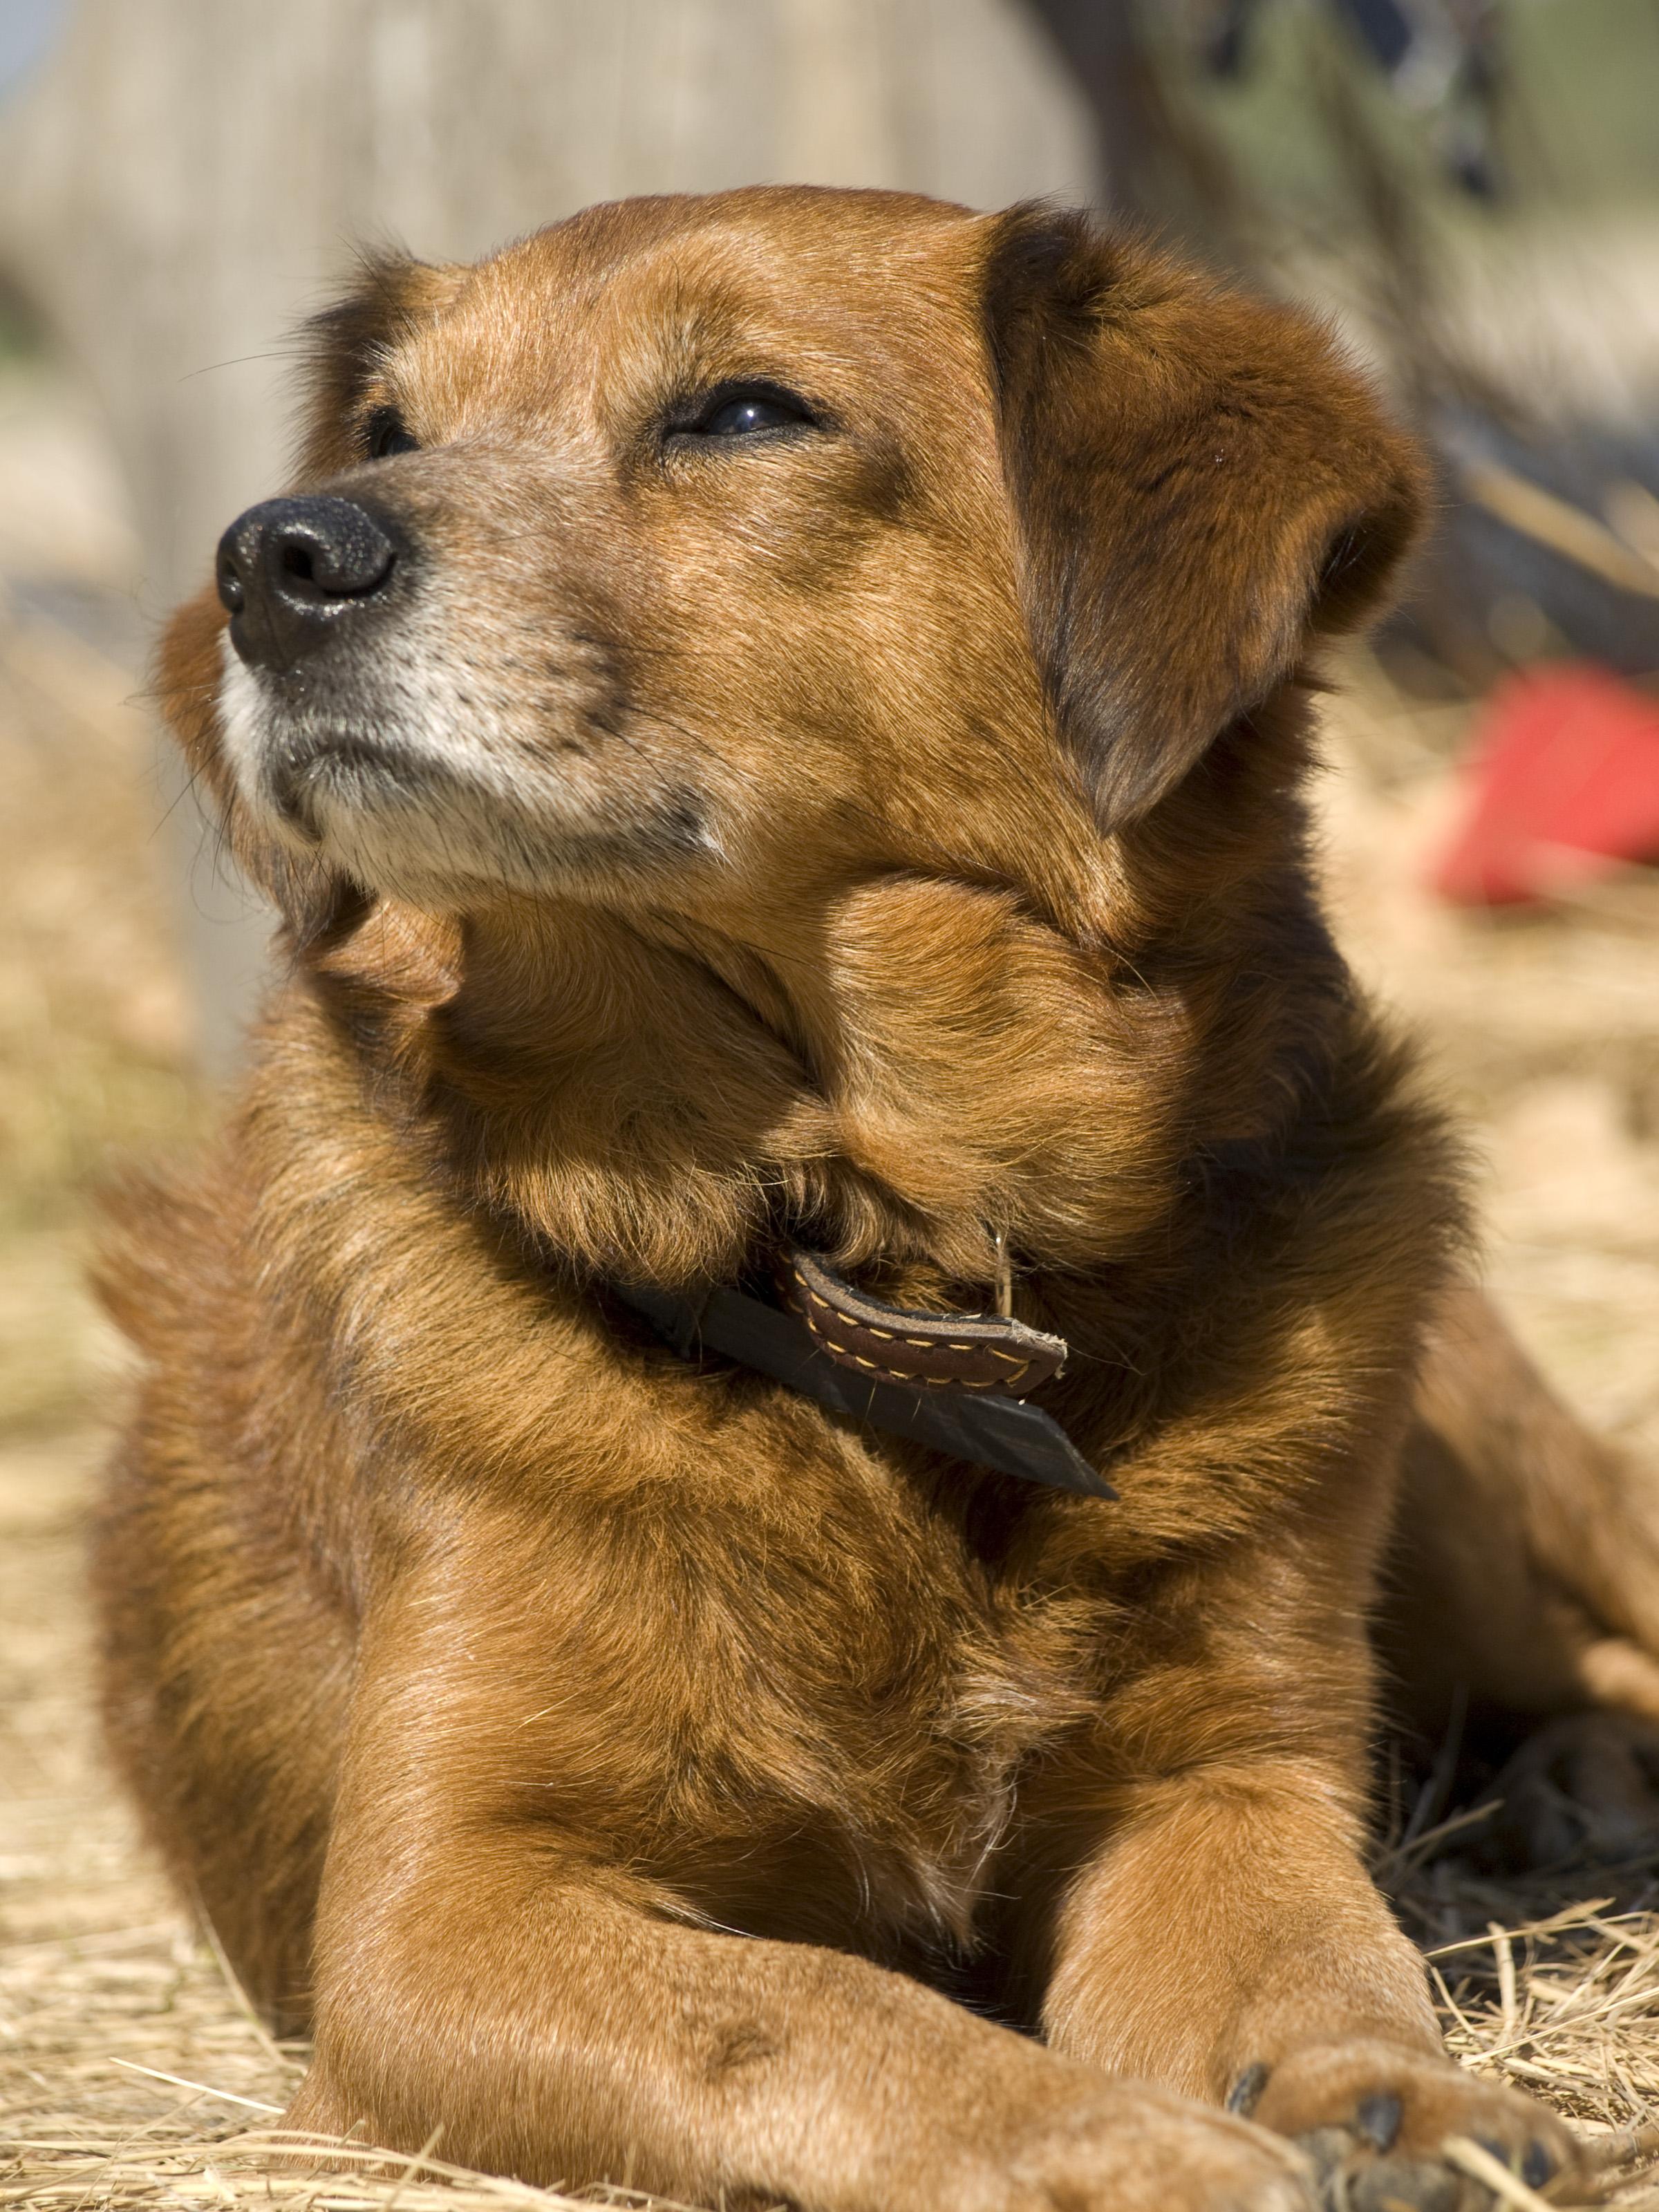 Член пса в ее попе 9 фотография